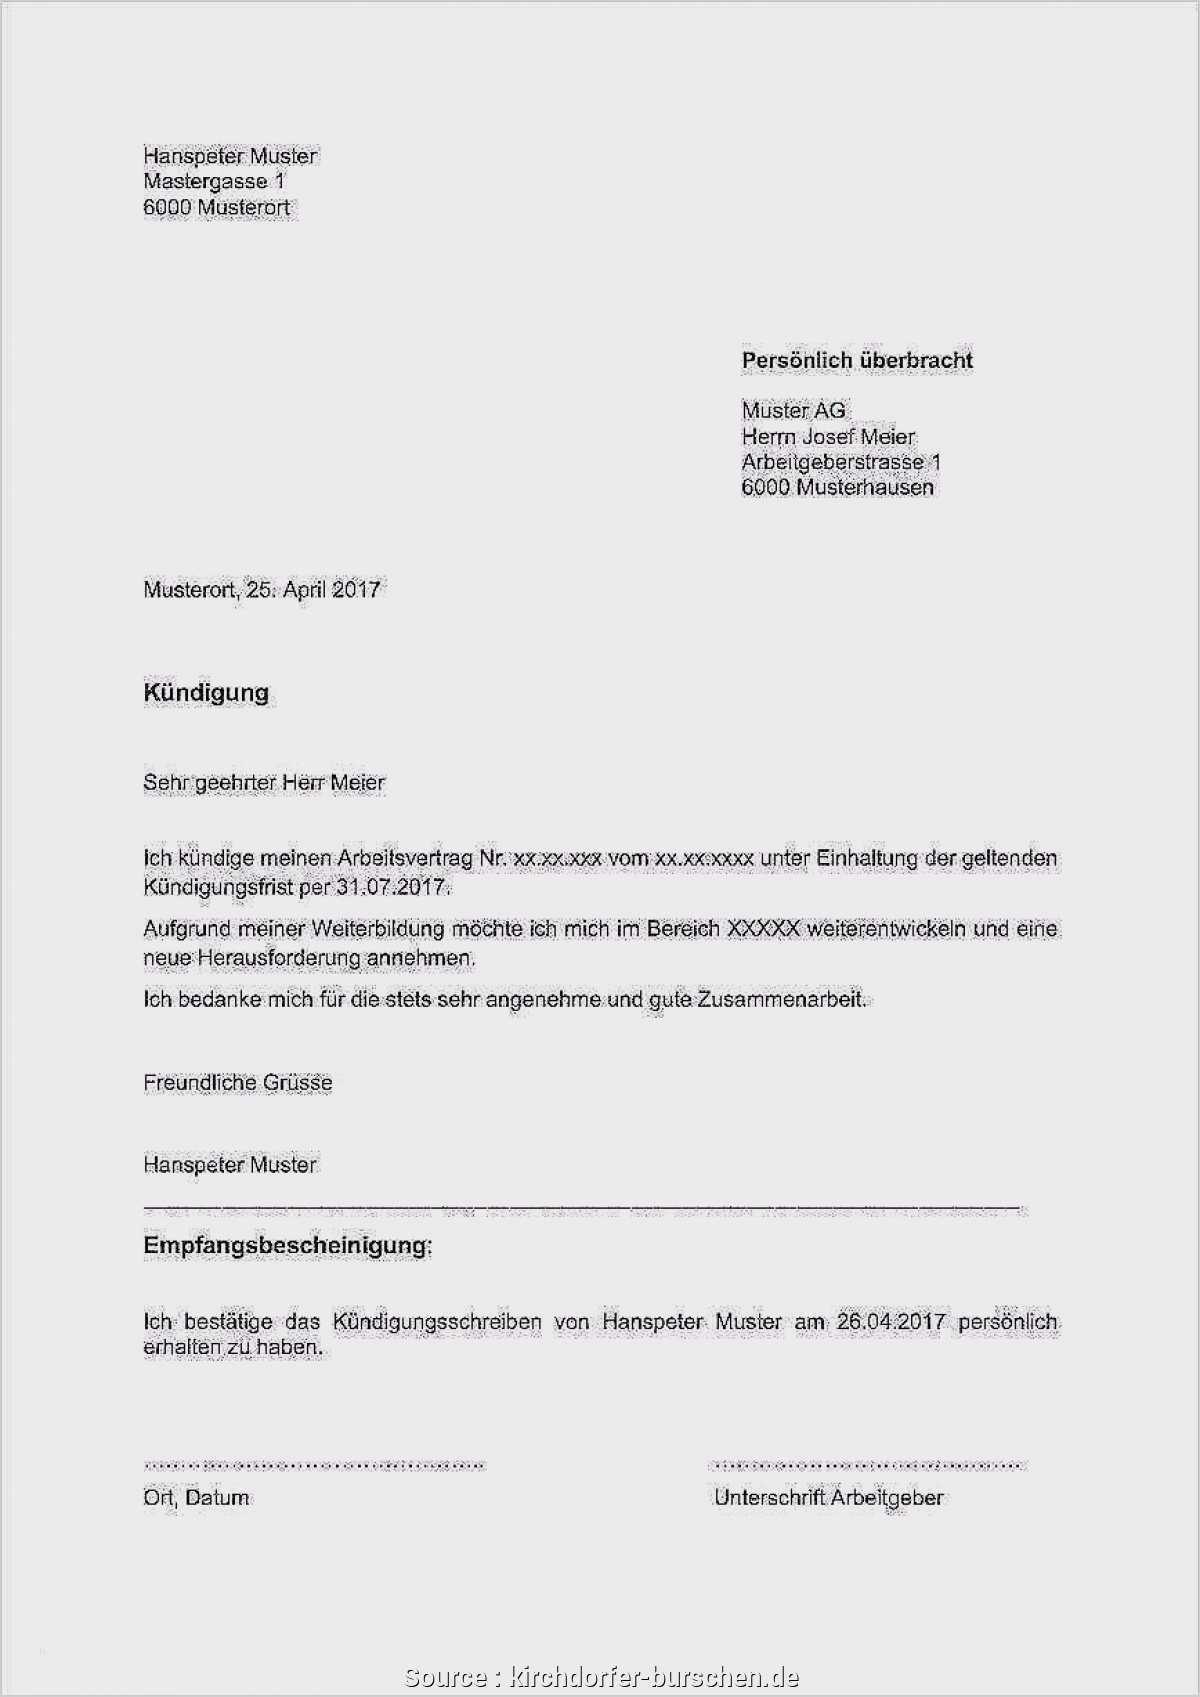 36 Wunderbar Kundigung Wohnung Vorlage Solche Konnen Adaptieren In Ms Word Vorlagen Word Vorlagen Kundigung Schreiben